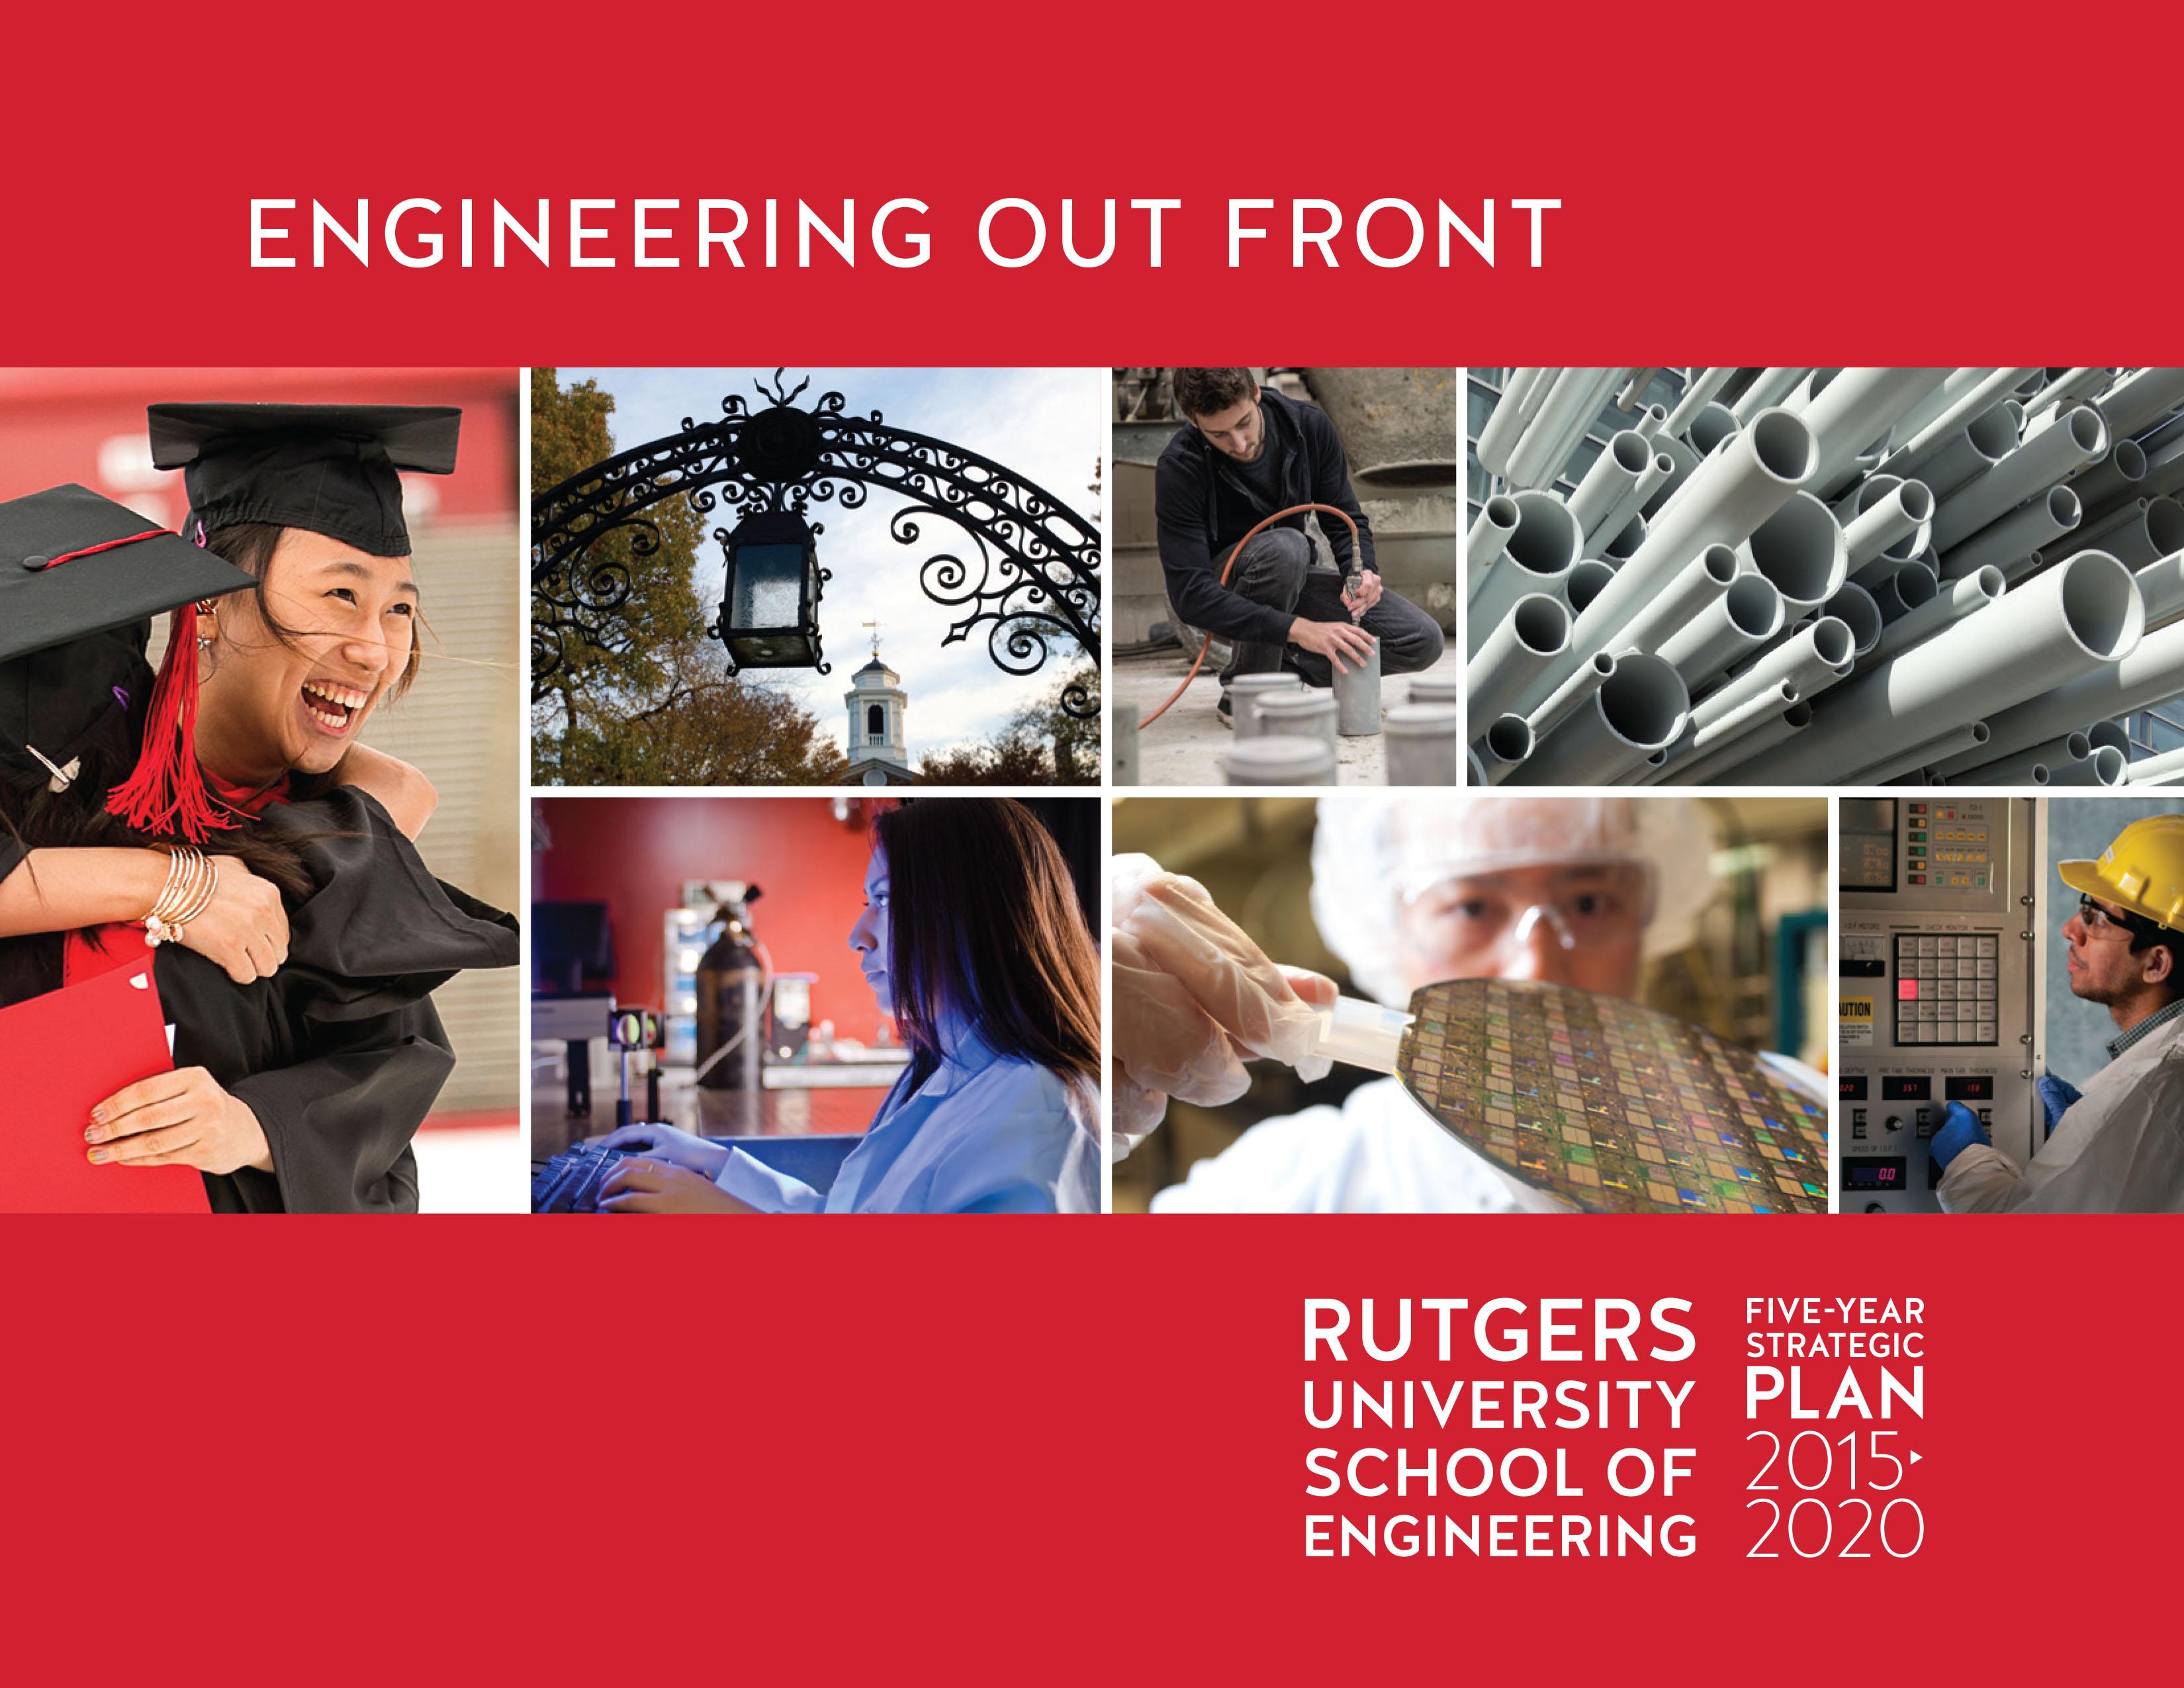 Rutgers_Plan_FINAL_150-1.jpg